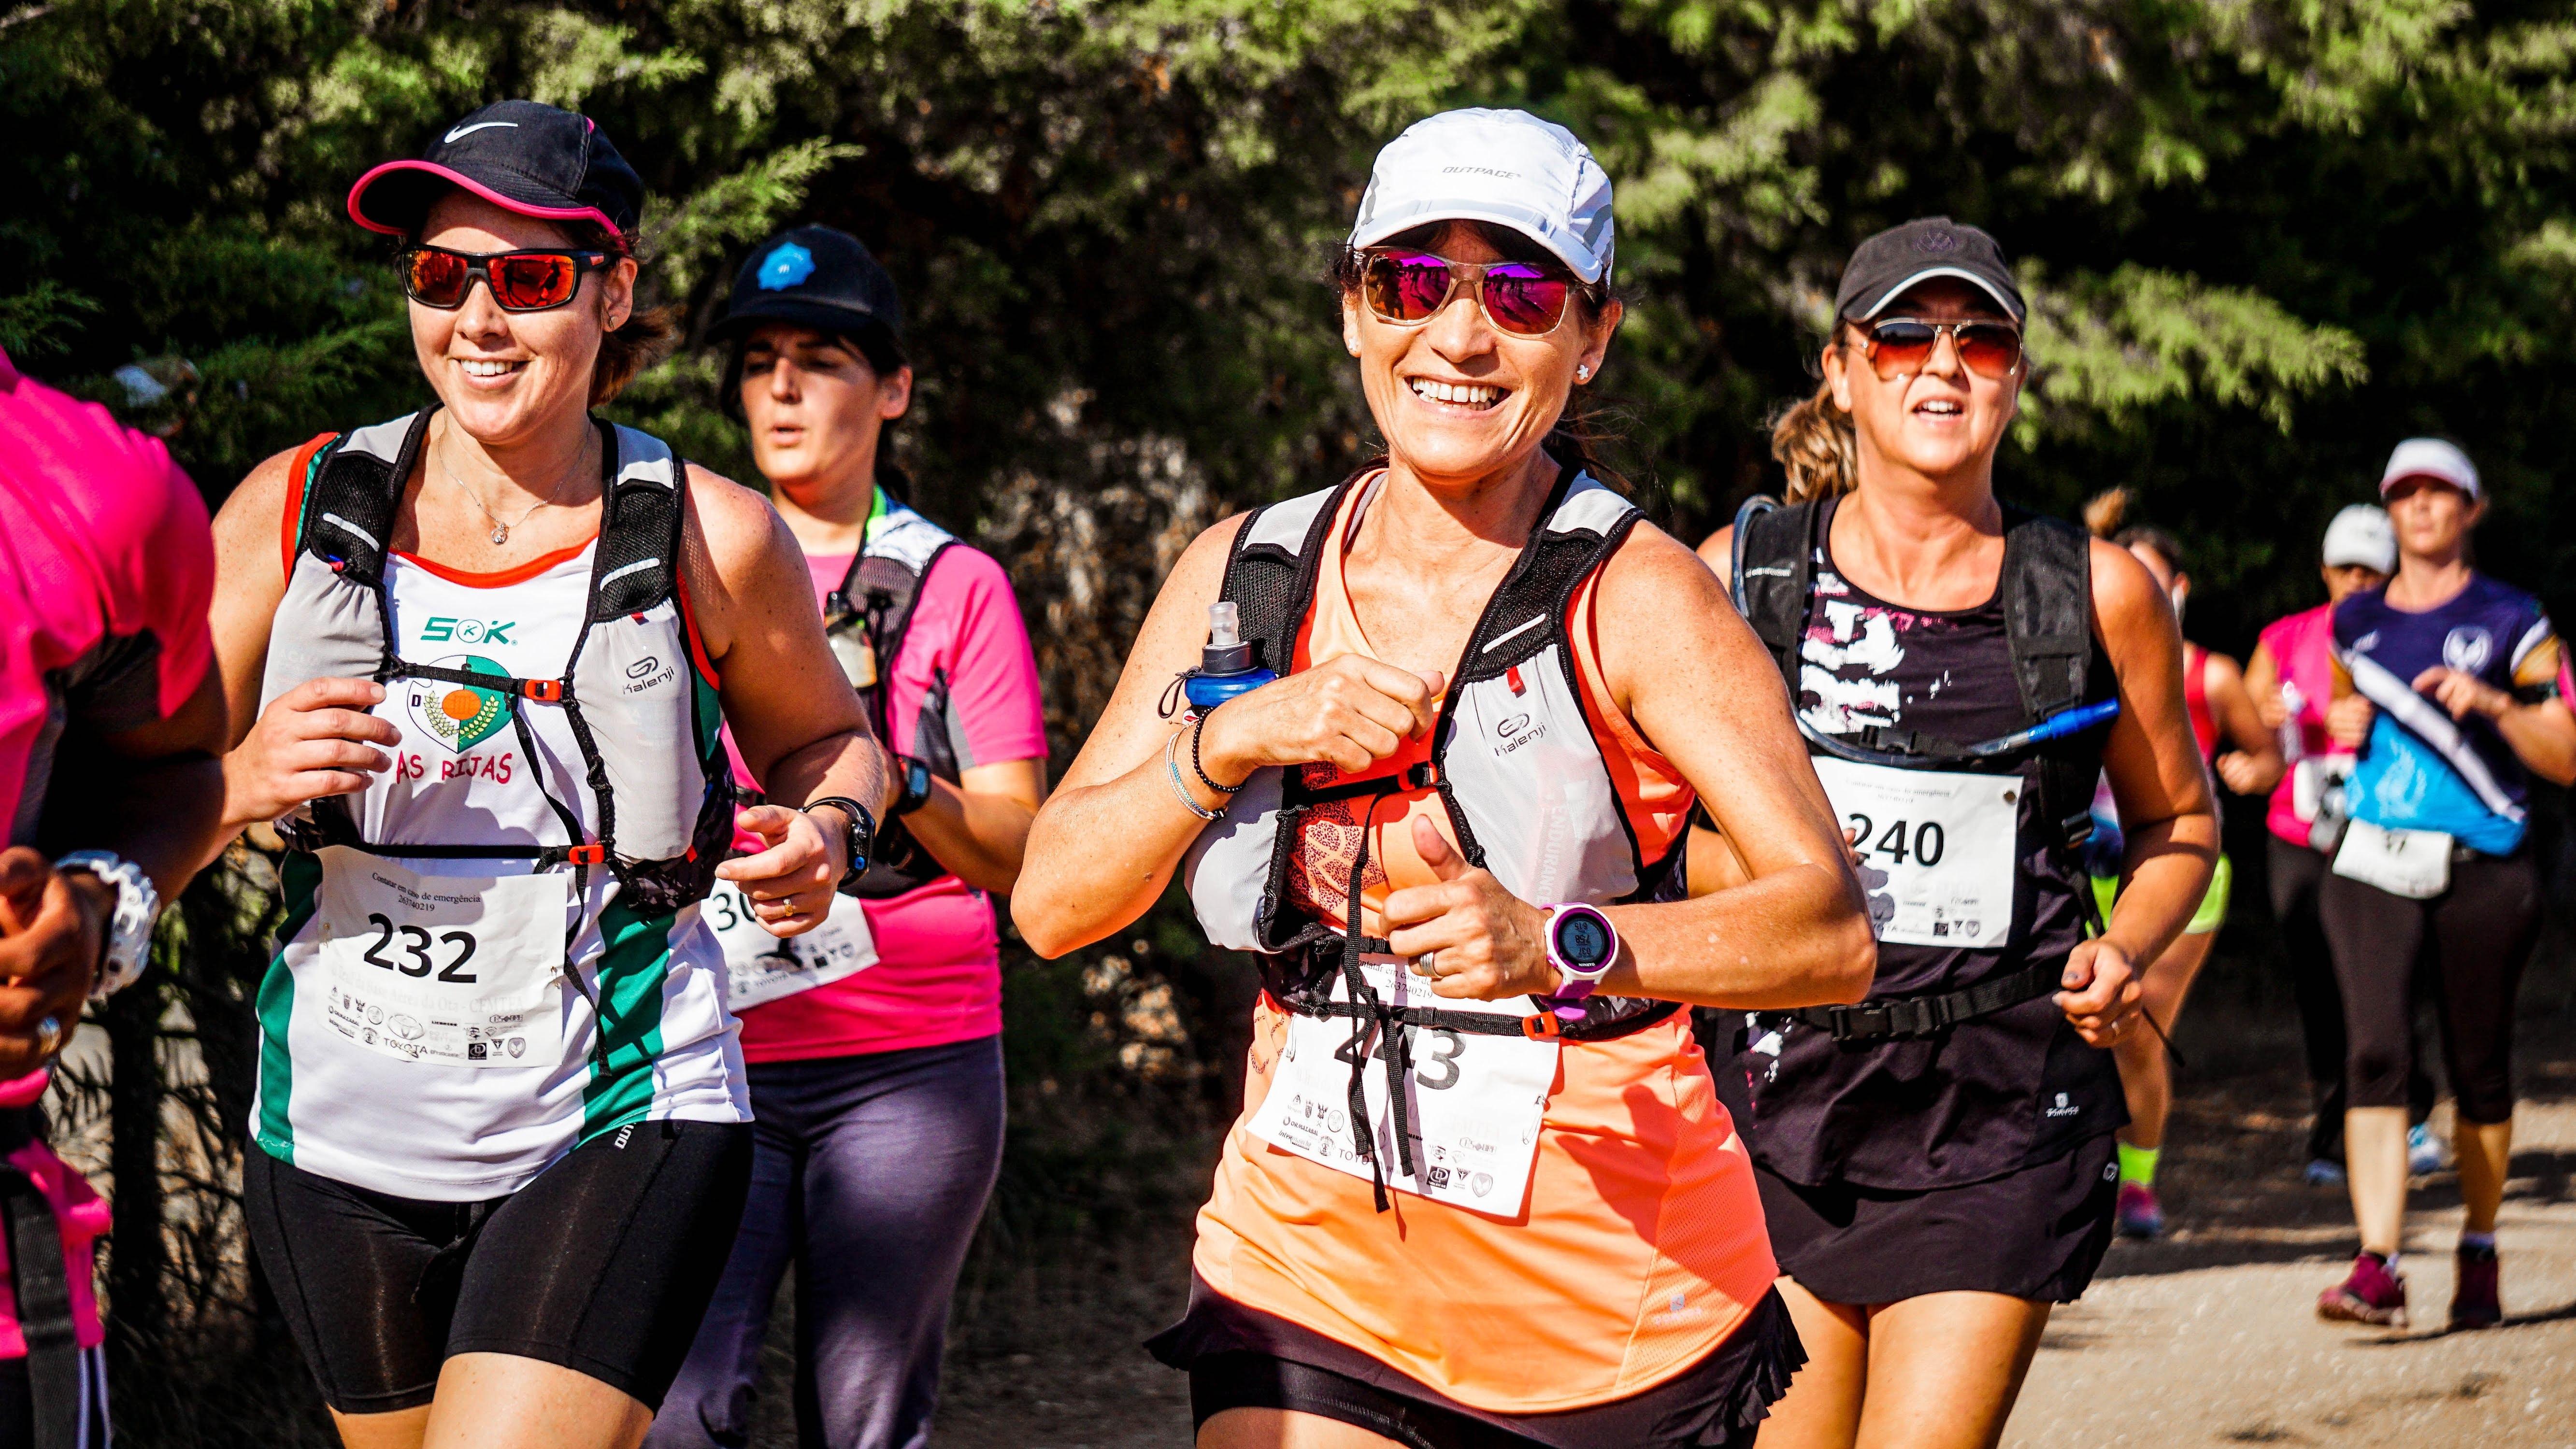 Meia Maratona de Lisboa - a um passo de um mundo melhor